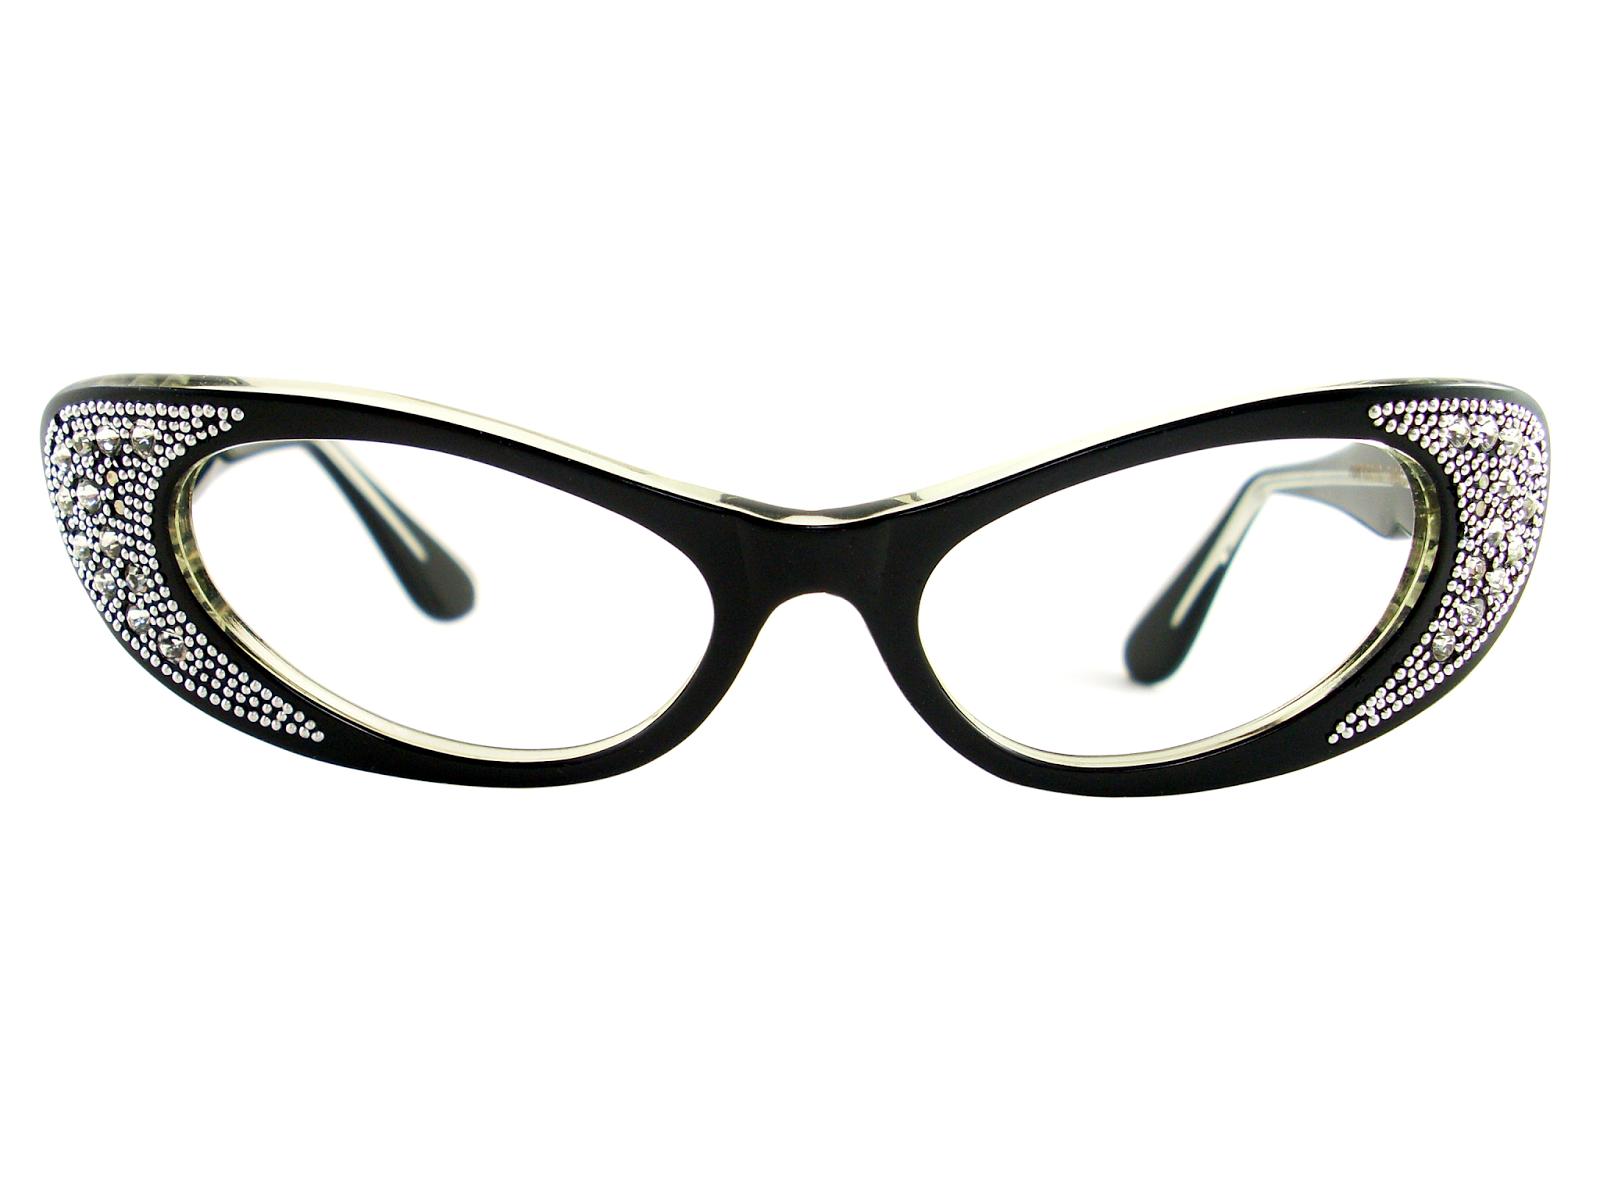 Cat Eye Rhinestone Eyeglass Frames : Vintage Eyeglasses Frames Eyewear Sunglasses 50S: VINTAGE ...